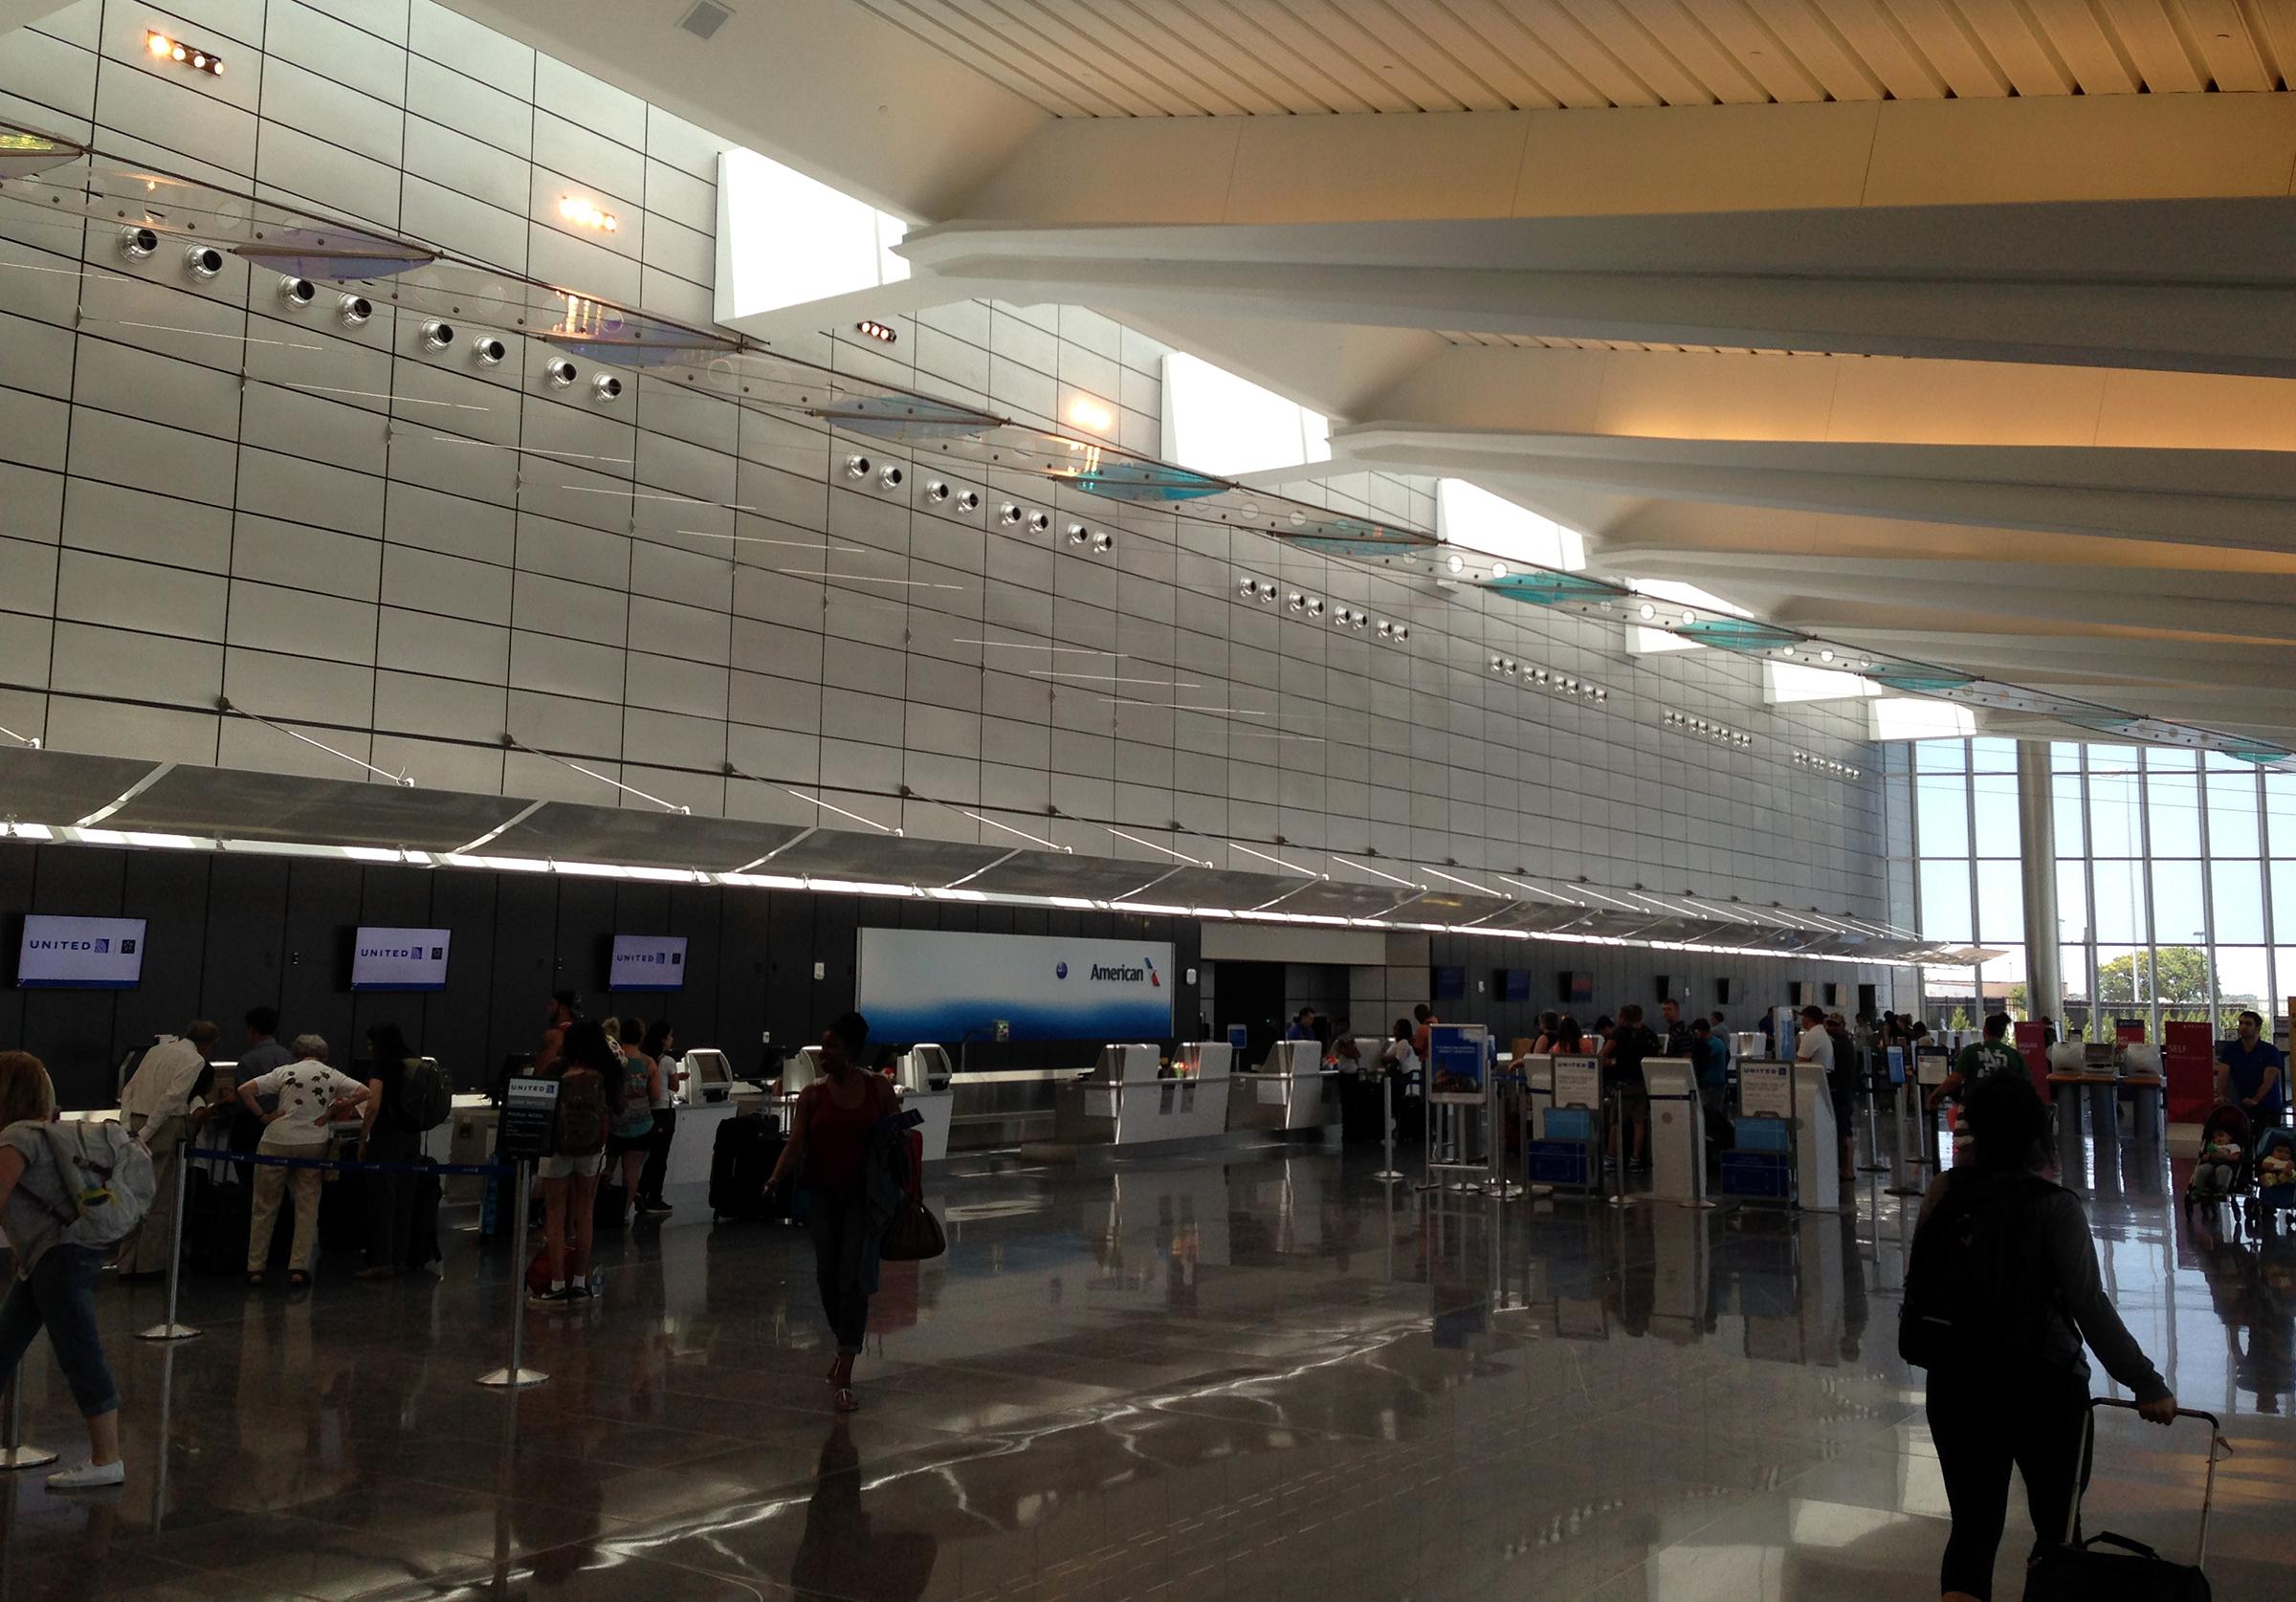 Αποτέλεσμα εικόνας για Wichita Eisenhower National Airport